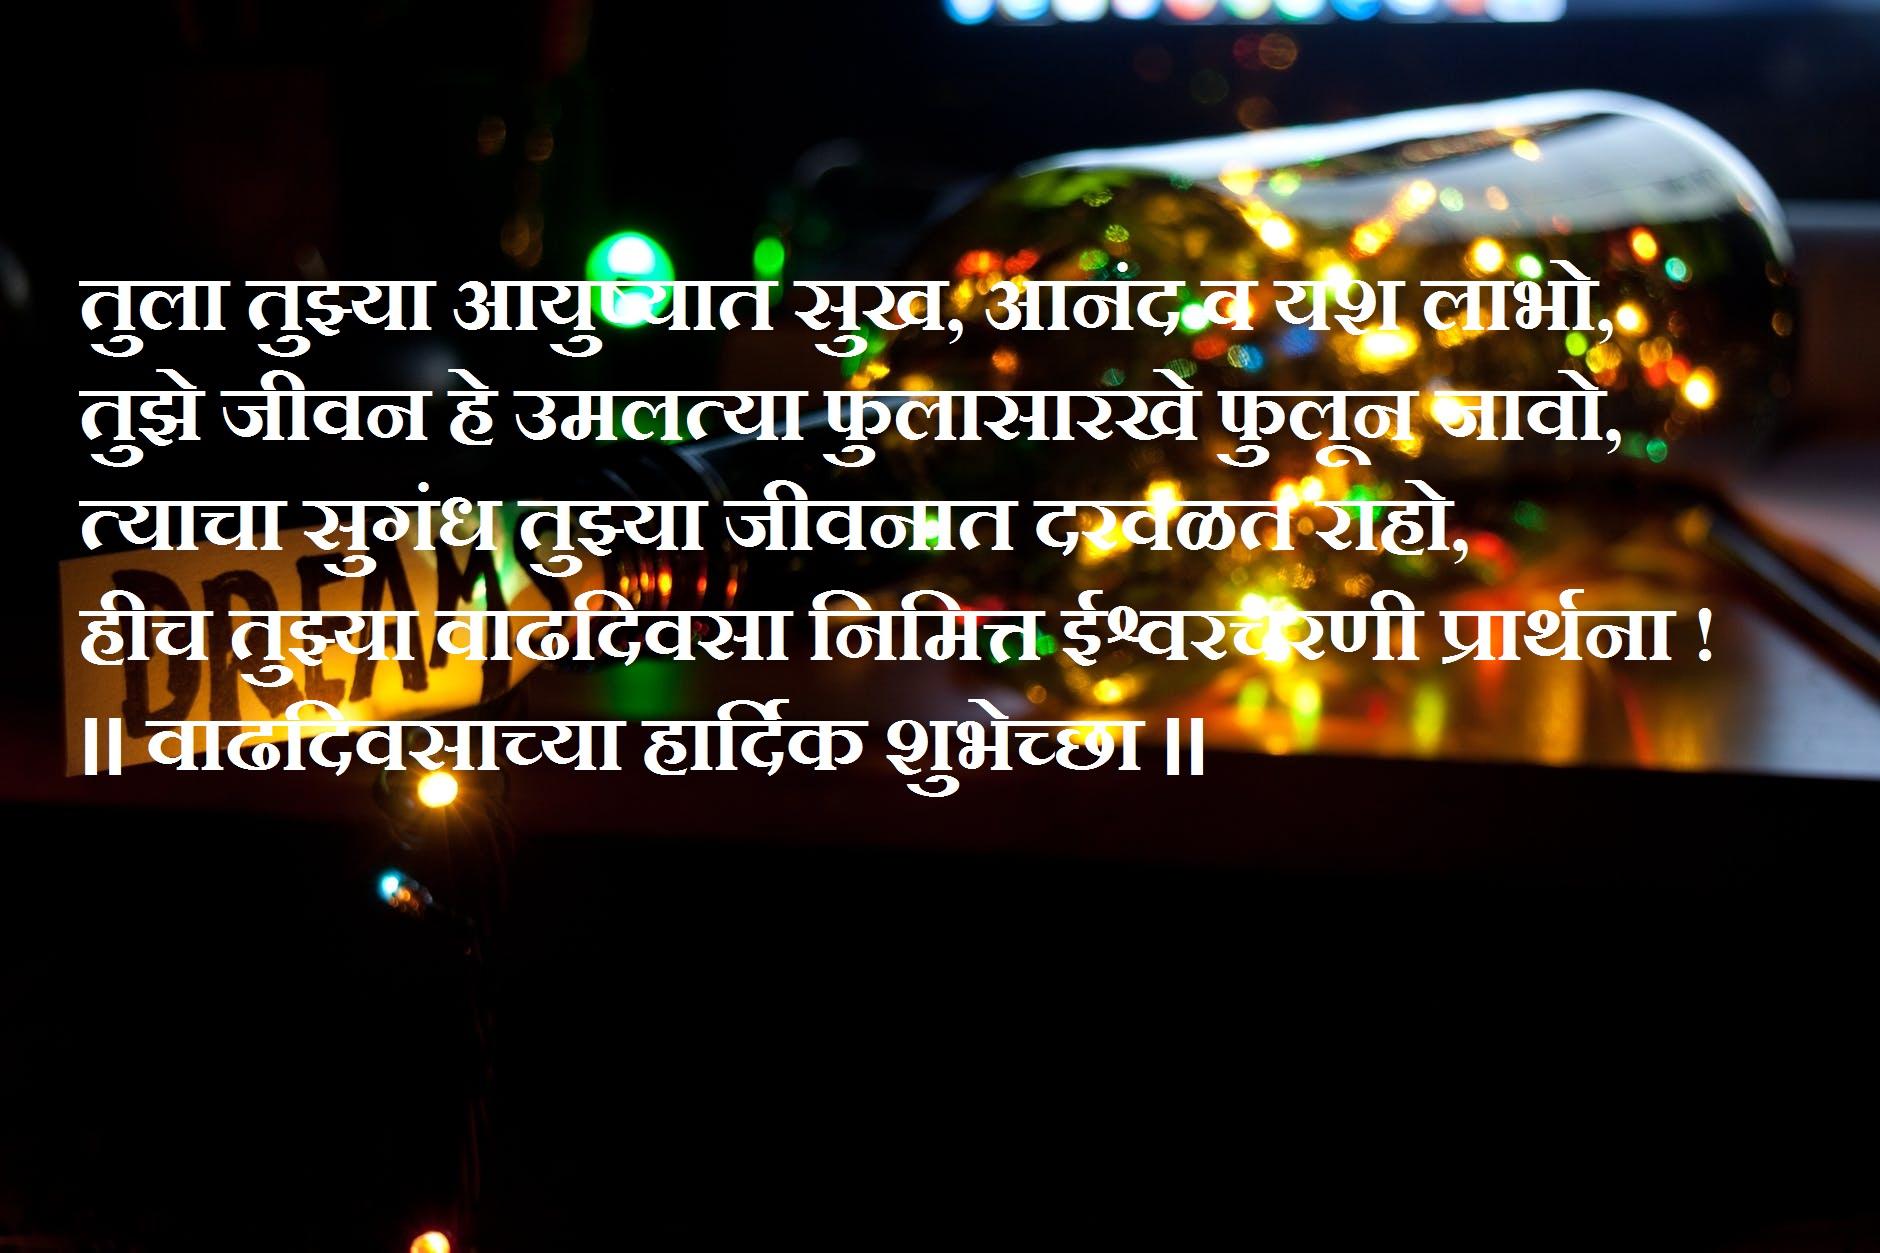 Birthday Message in Marathi